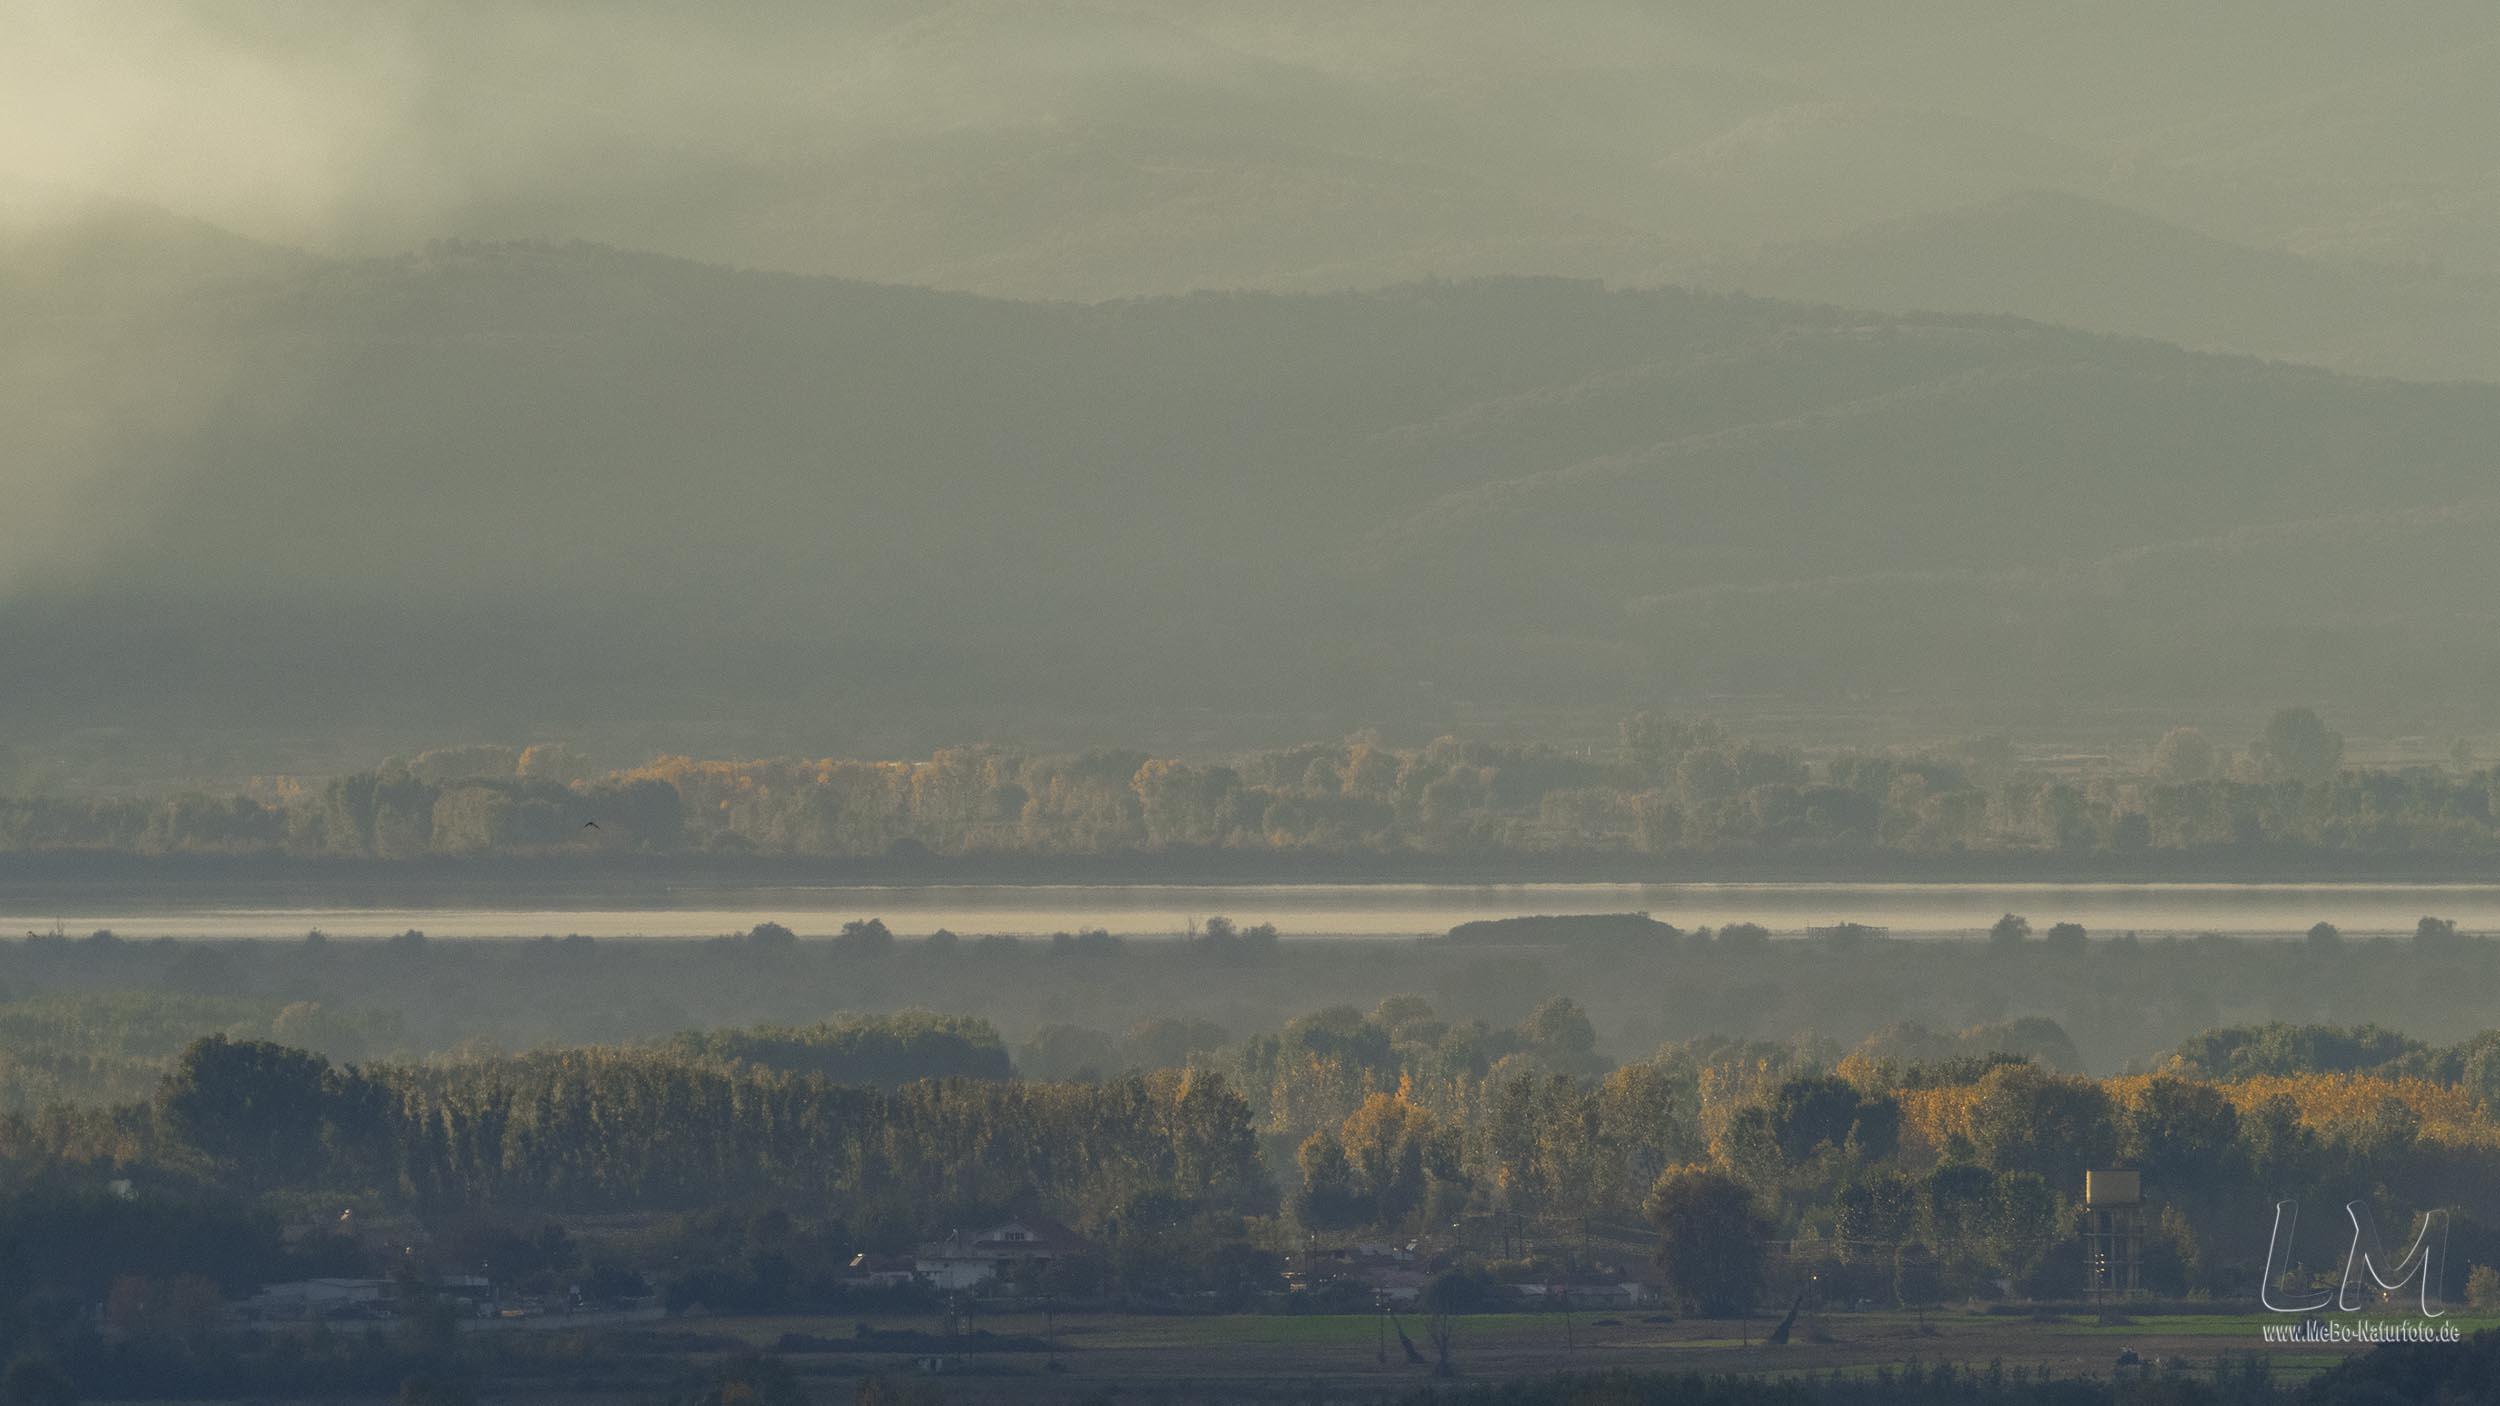 Kerkini-See 20 km von der Burg von Sidrokastro